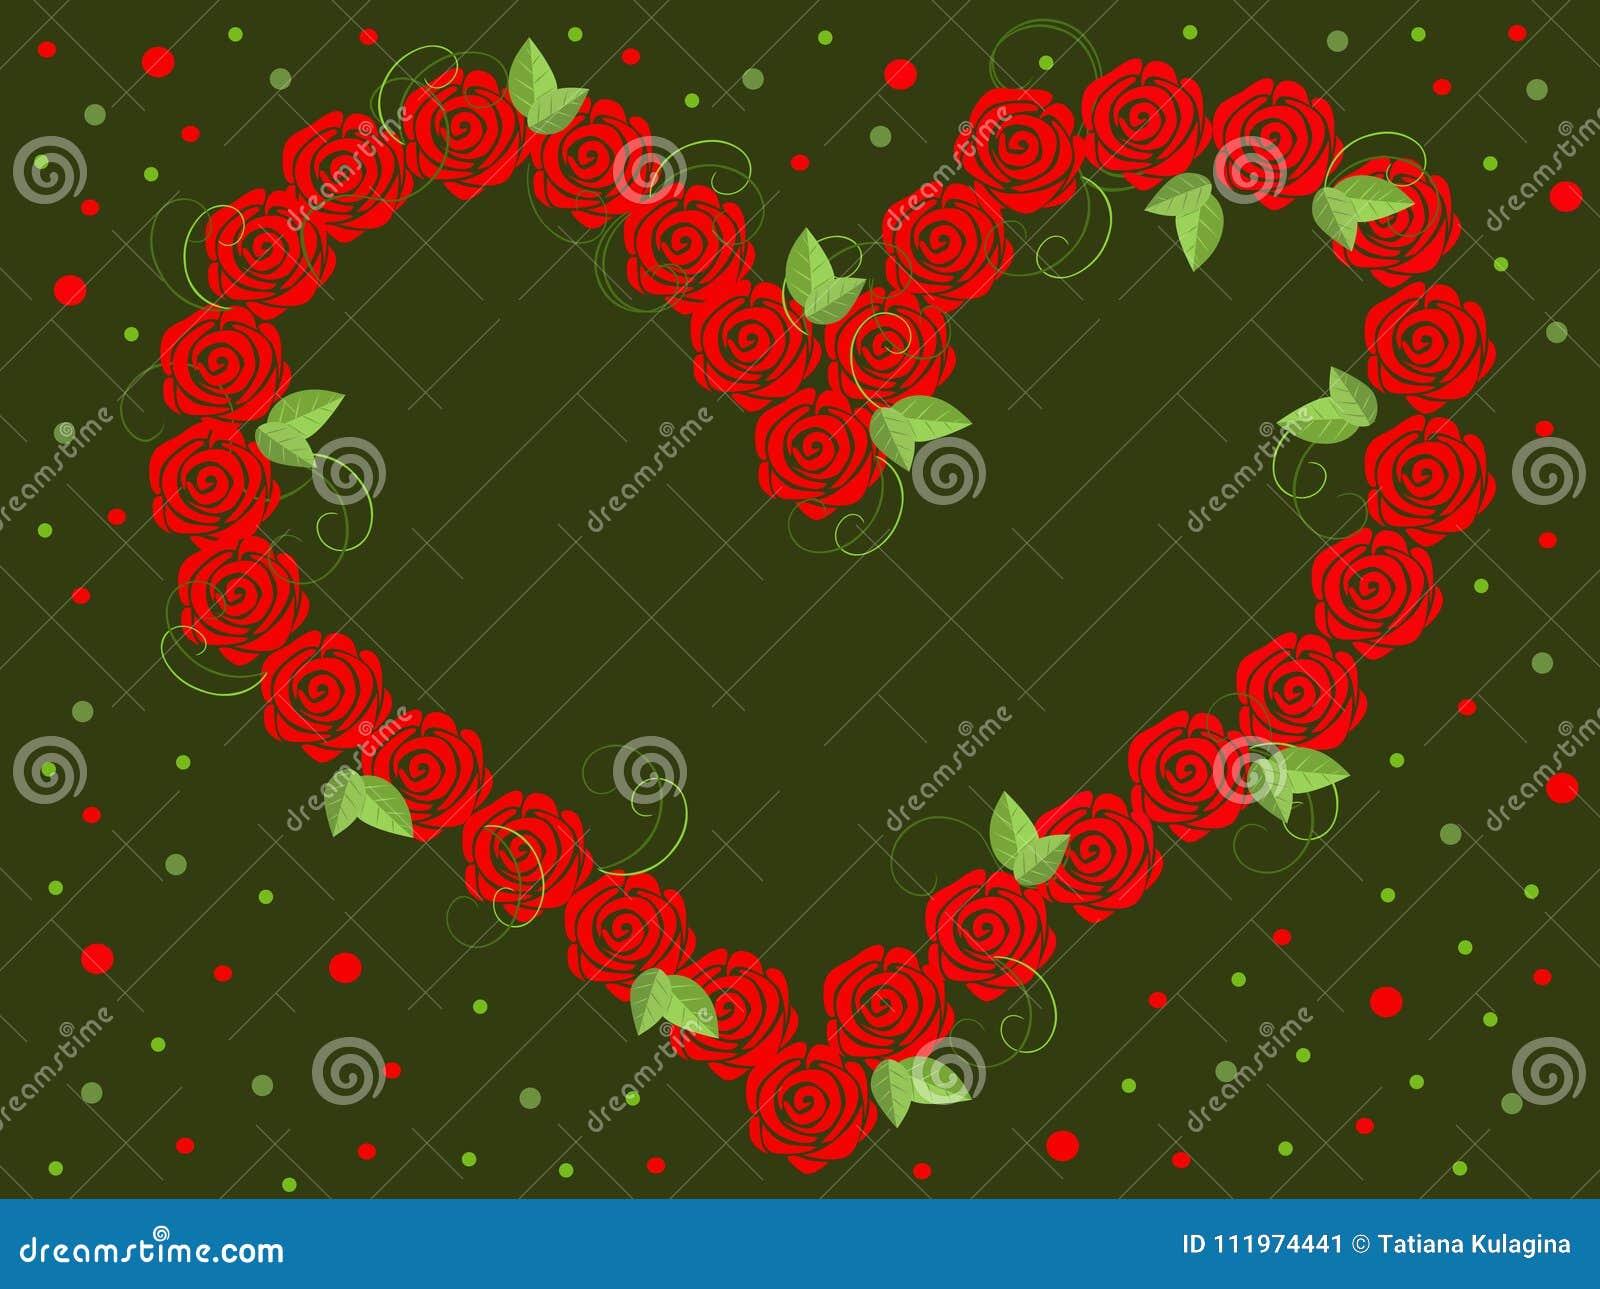 Vektorbild av röda rosor i formen av hjärta